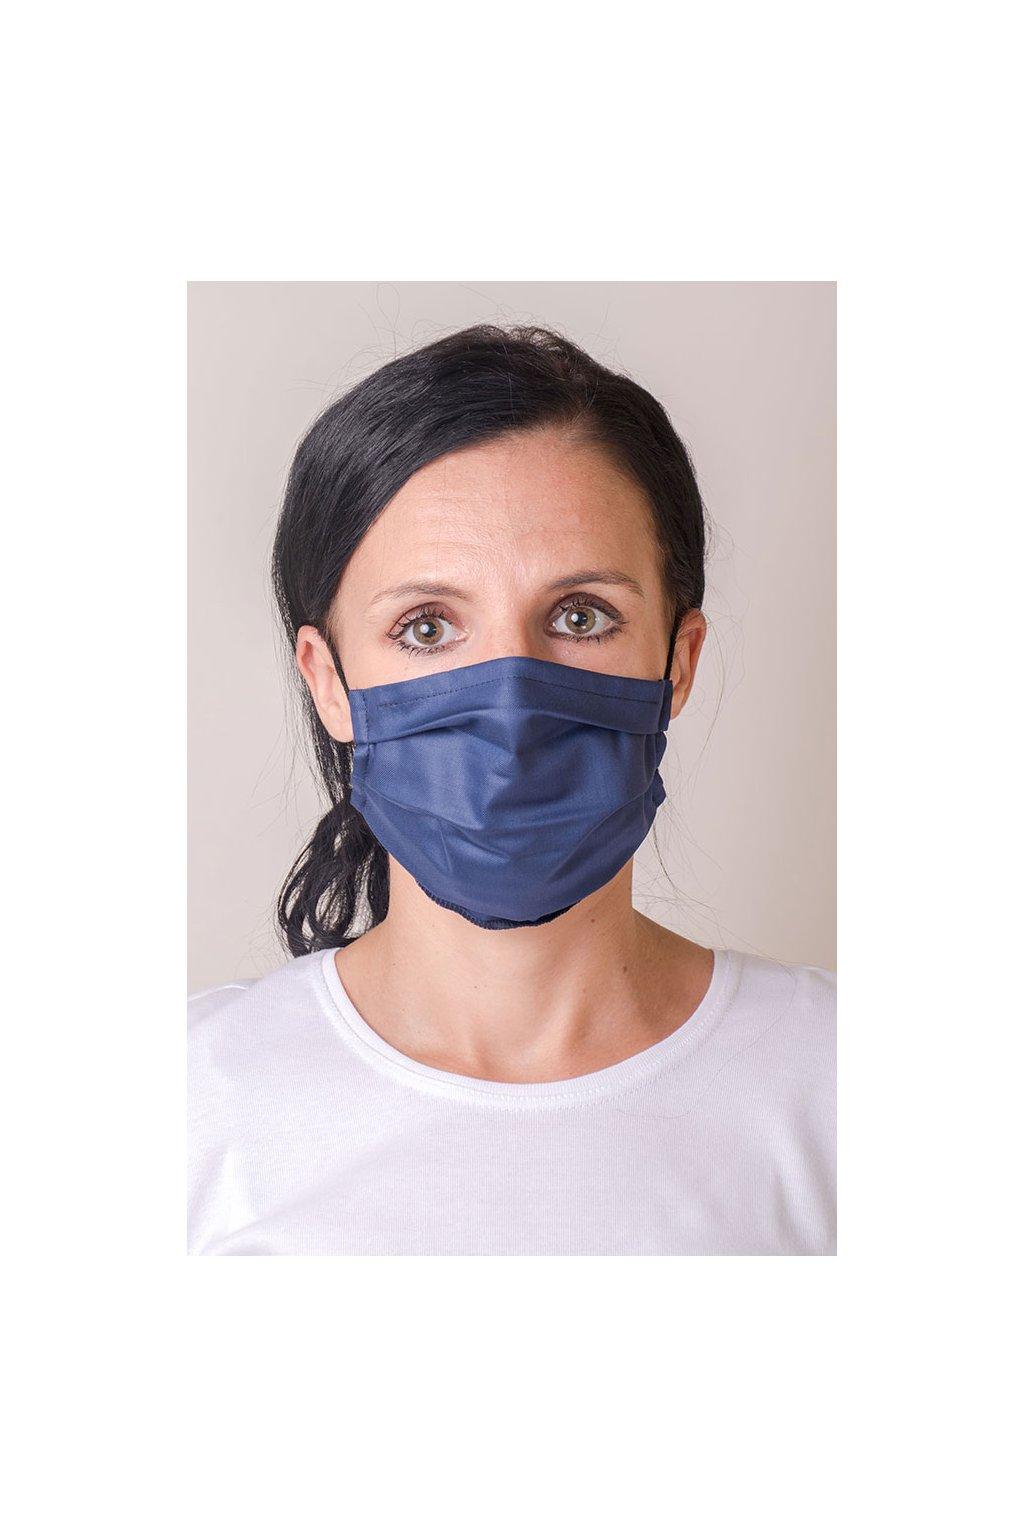 Dámská bavlněná rouška dvouvrstvá s kapsou a tvarovacím drátkem, antibakteriální SILVER+, 771-31, Modrá